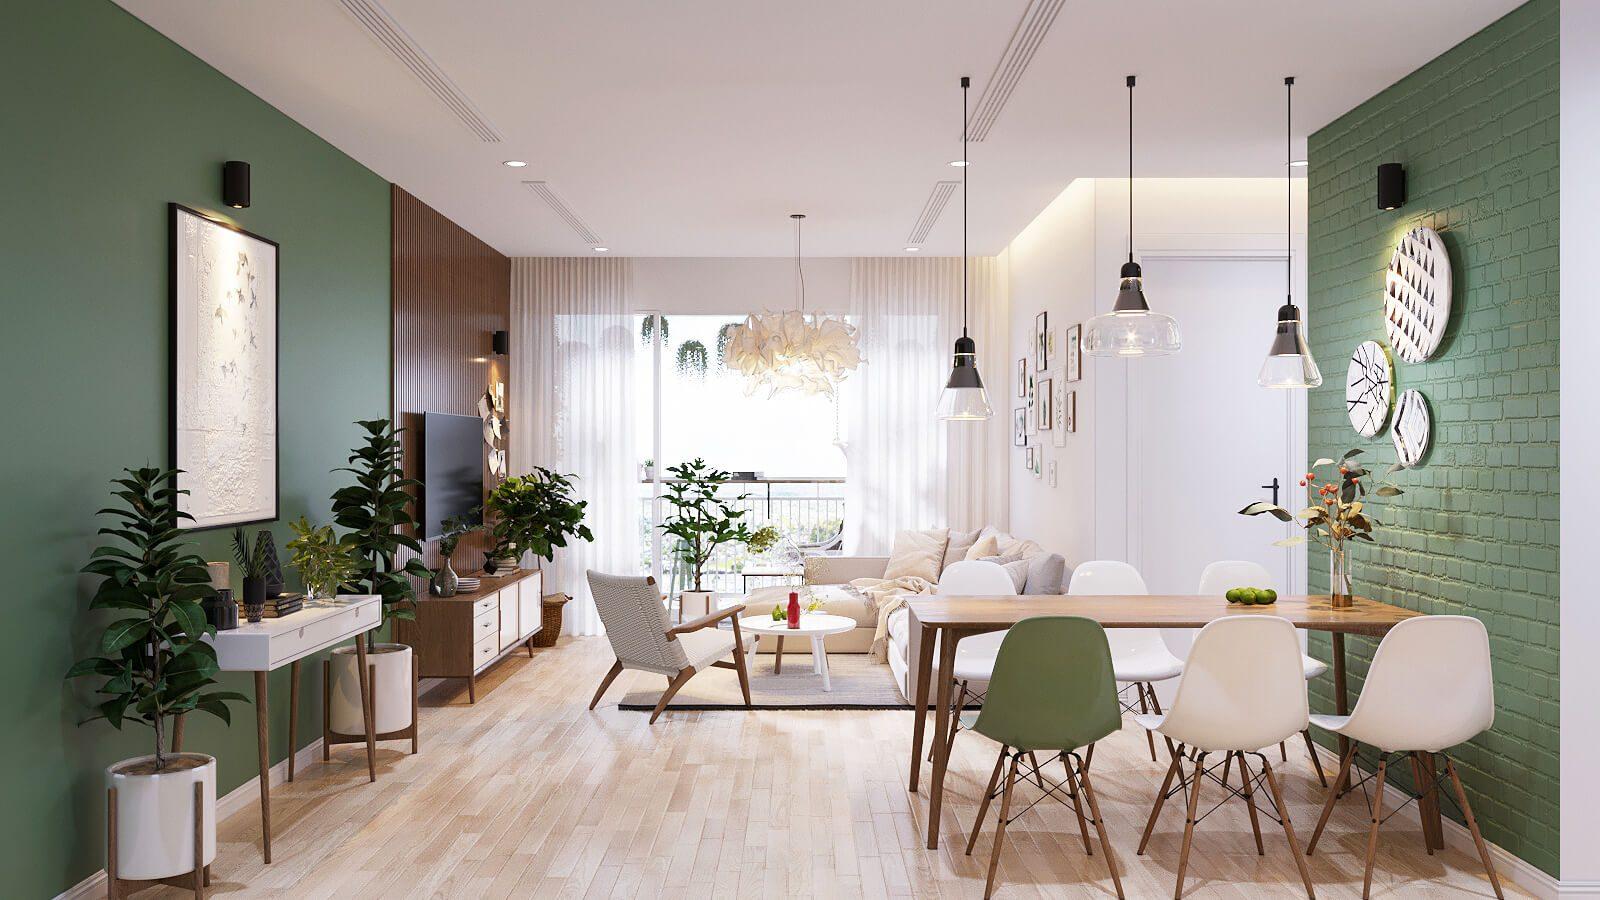 Thiết kế không gian xanh cho nội thất chung cư 100m2